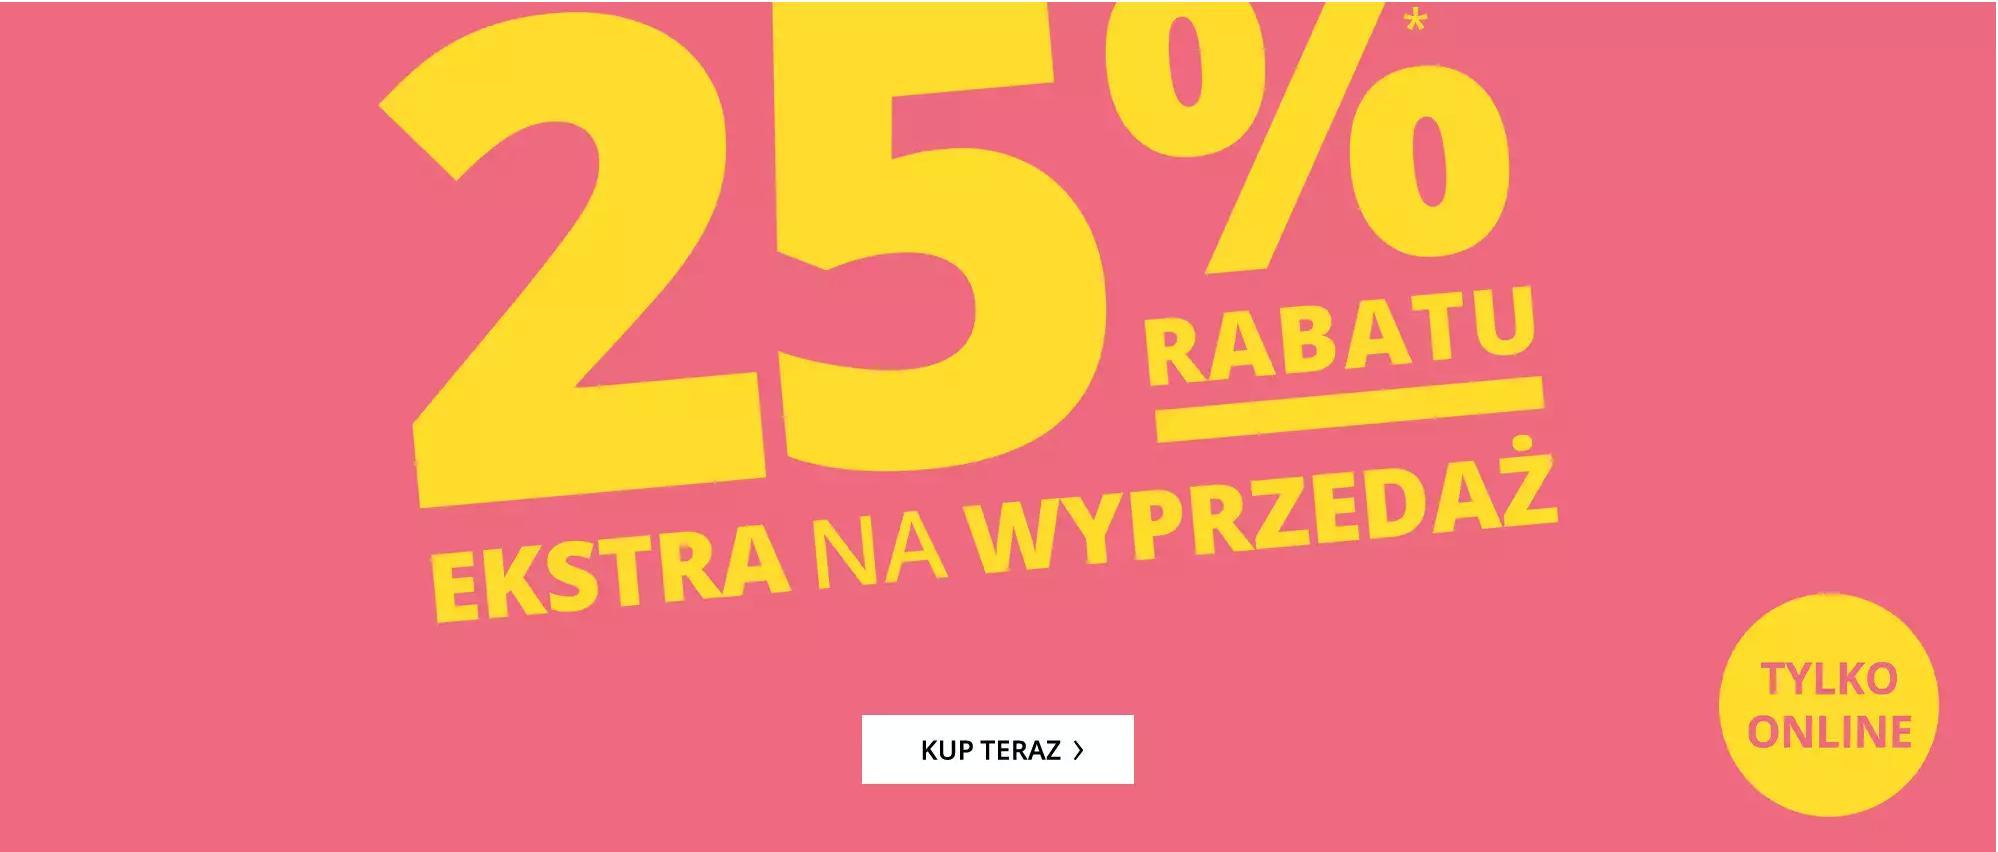 Peek & Cloppenburg: 25% extra rabatu na wyprzedaż odzieży damskiej, męskiej i dziecięcej